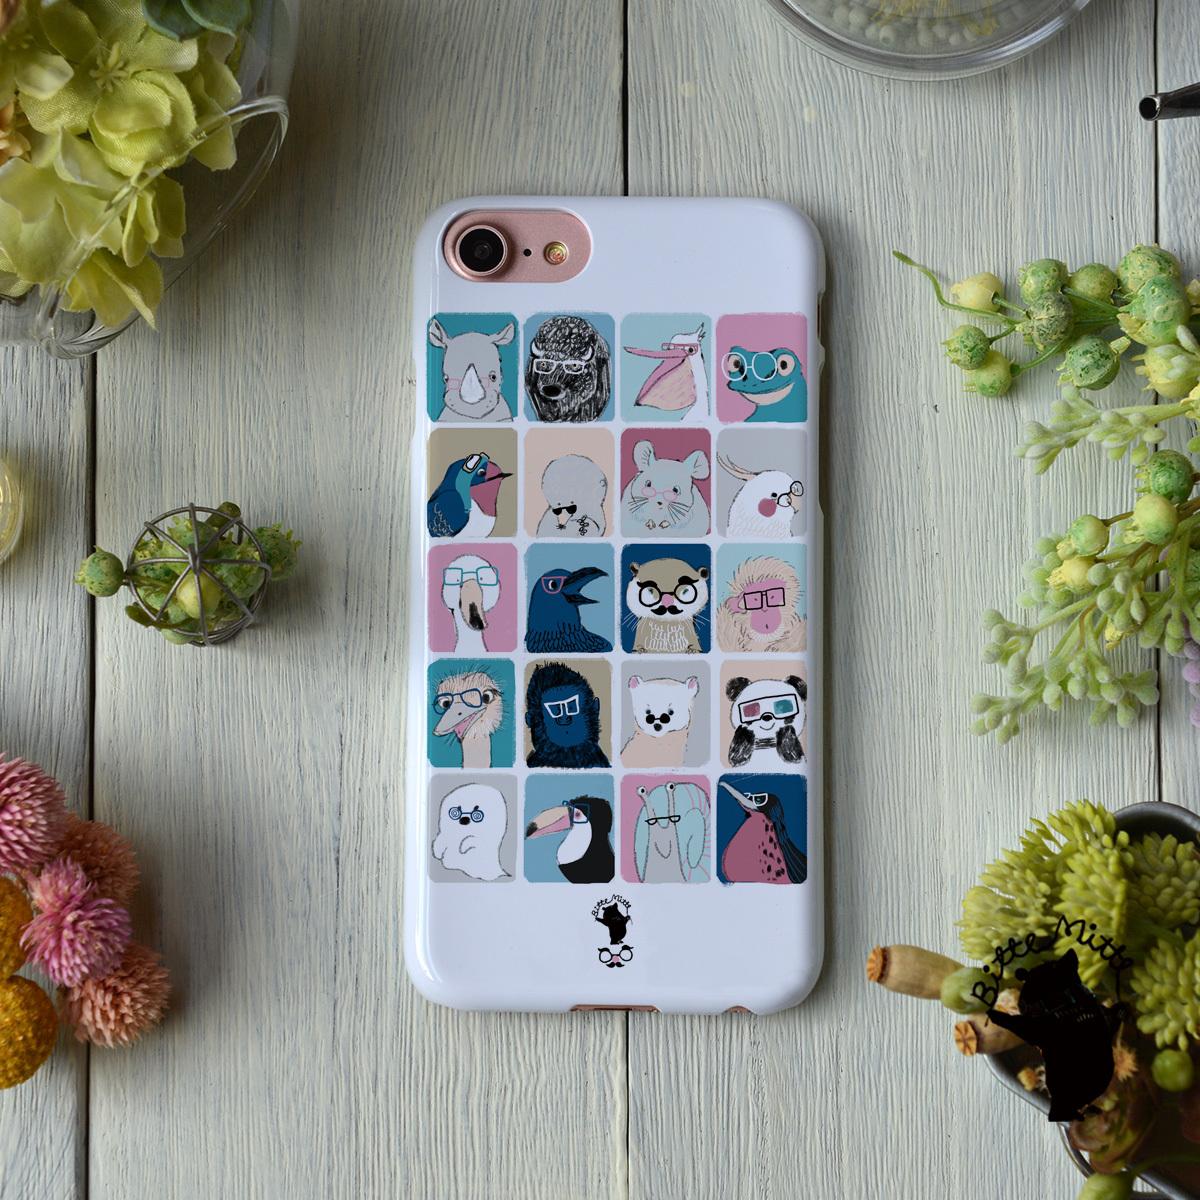 iphone8 ハードケース おしゃれ iphone8 ハードケース シンプル iphone7 ケース かわいい ハード めがね 眼鏡 メガネアニマル/Bitte Mitte!